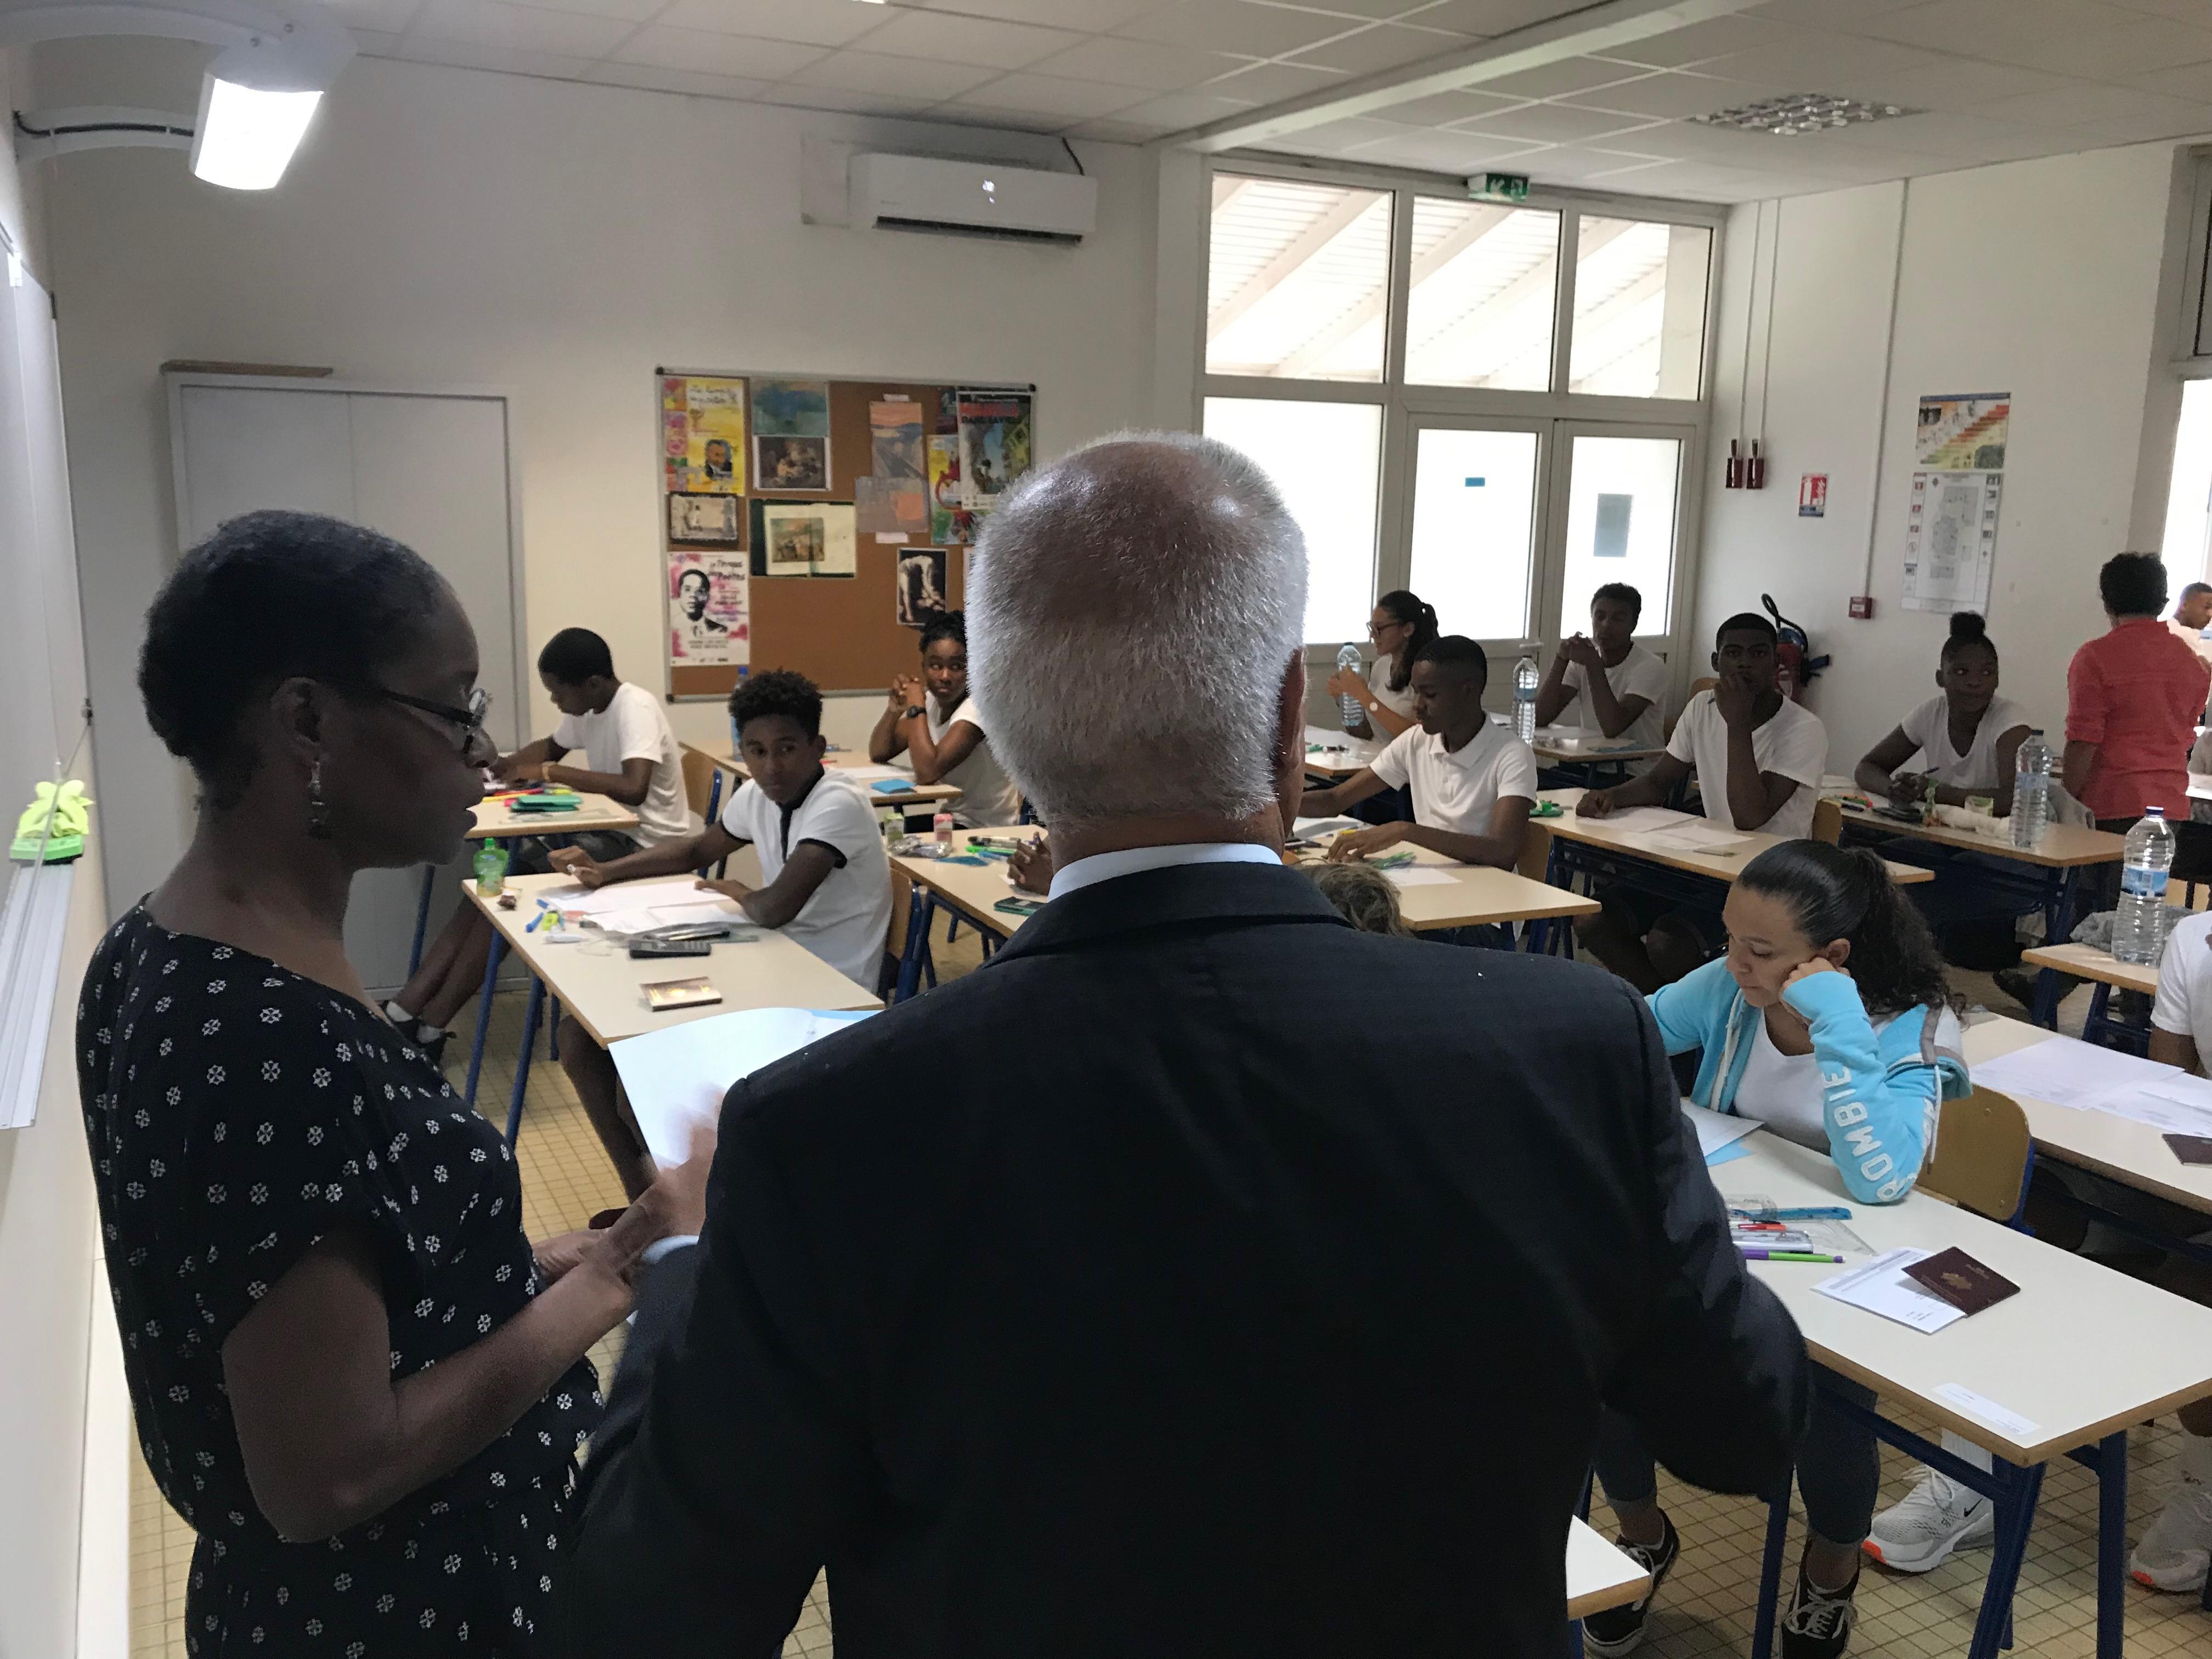 Le recteur donne le coup d'envoi du Diplôme national du Brevet au CREPS